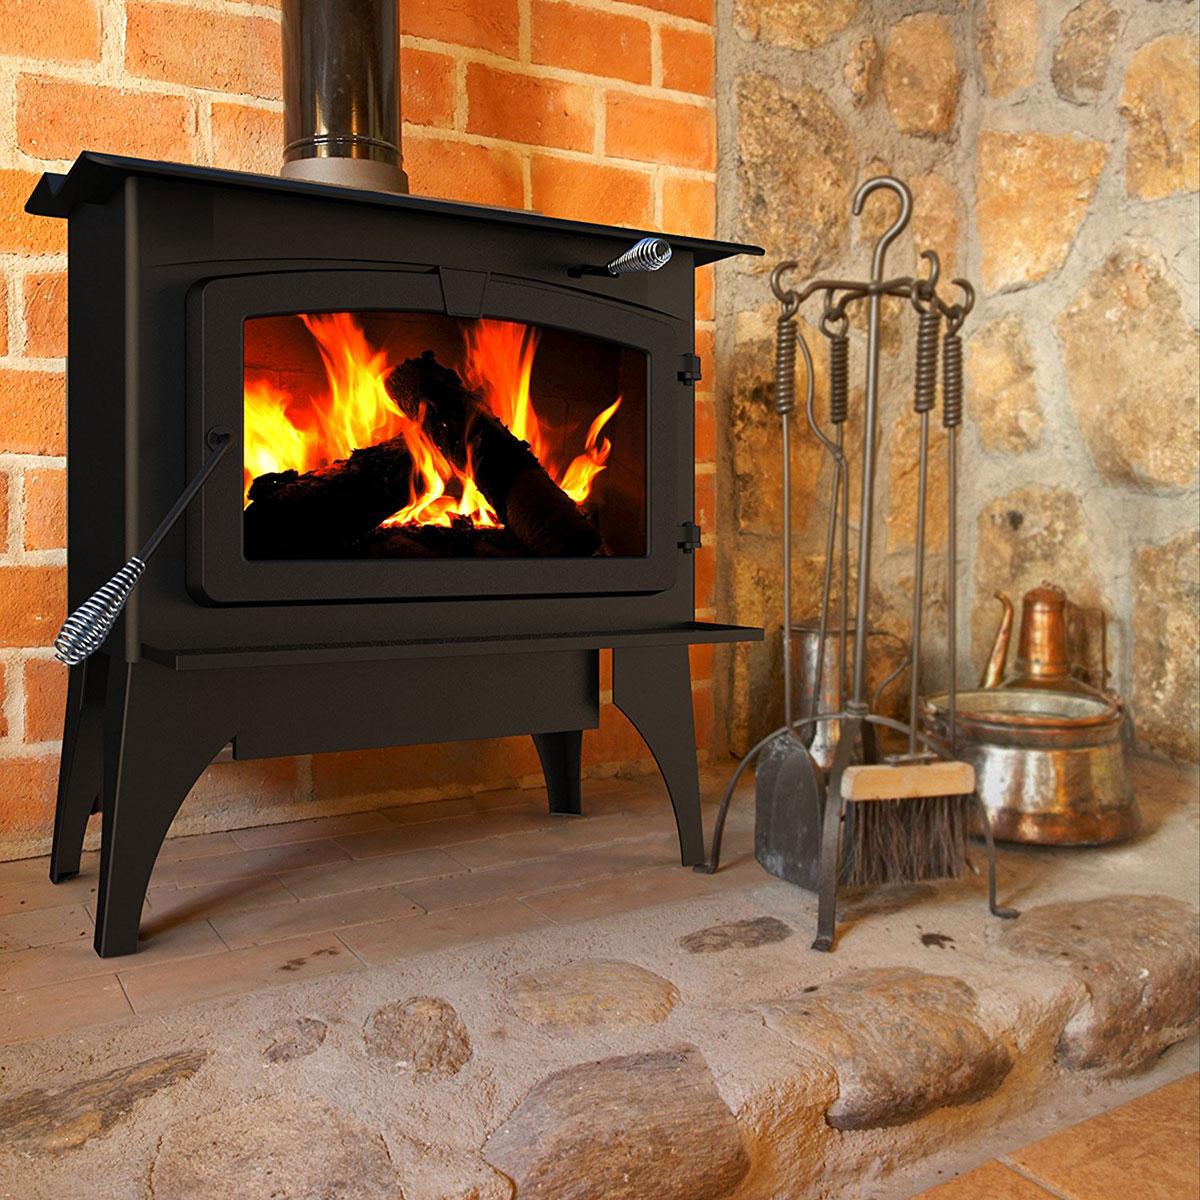 Wood burning heating stove